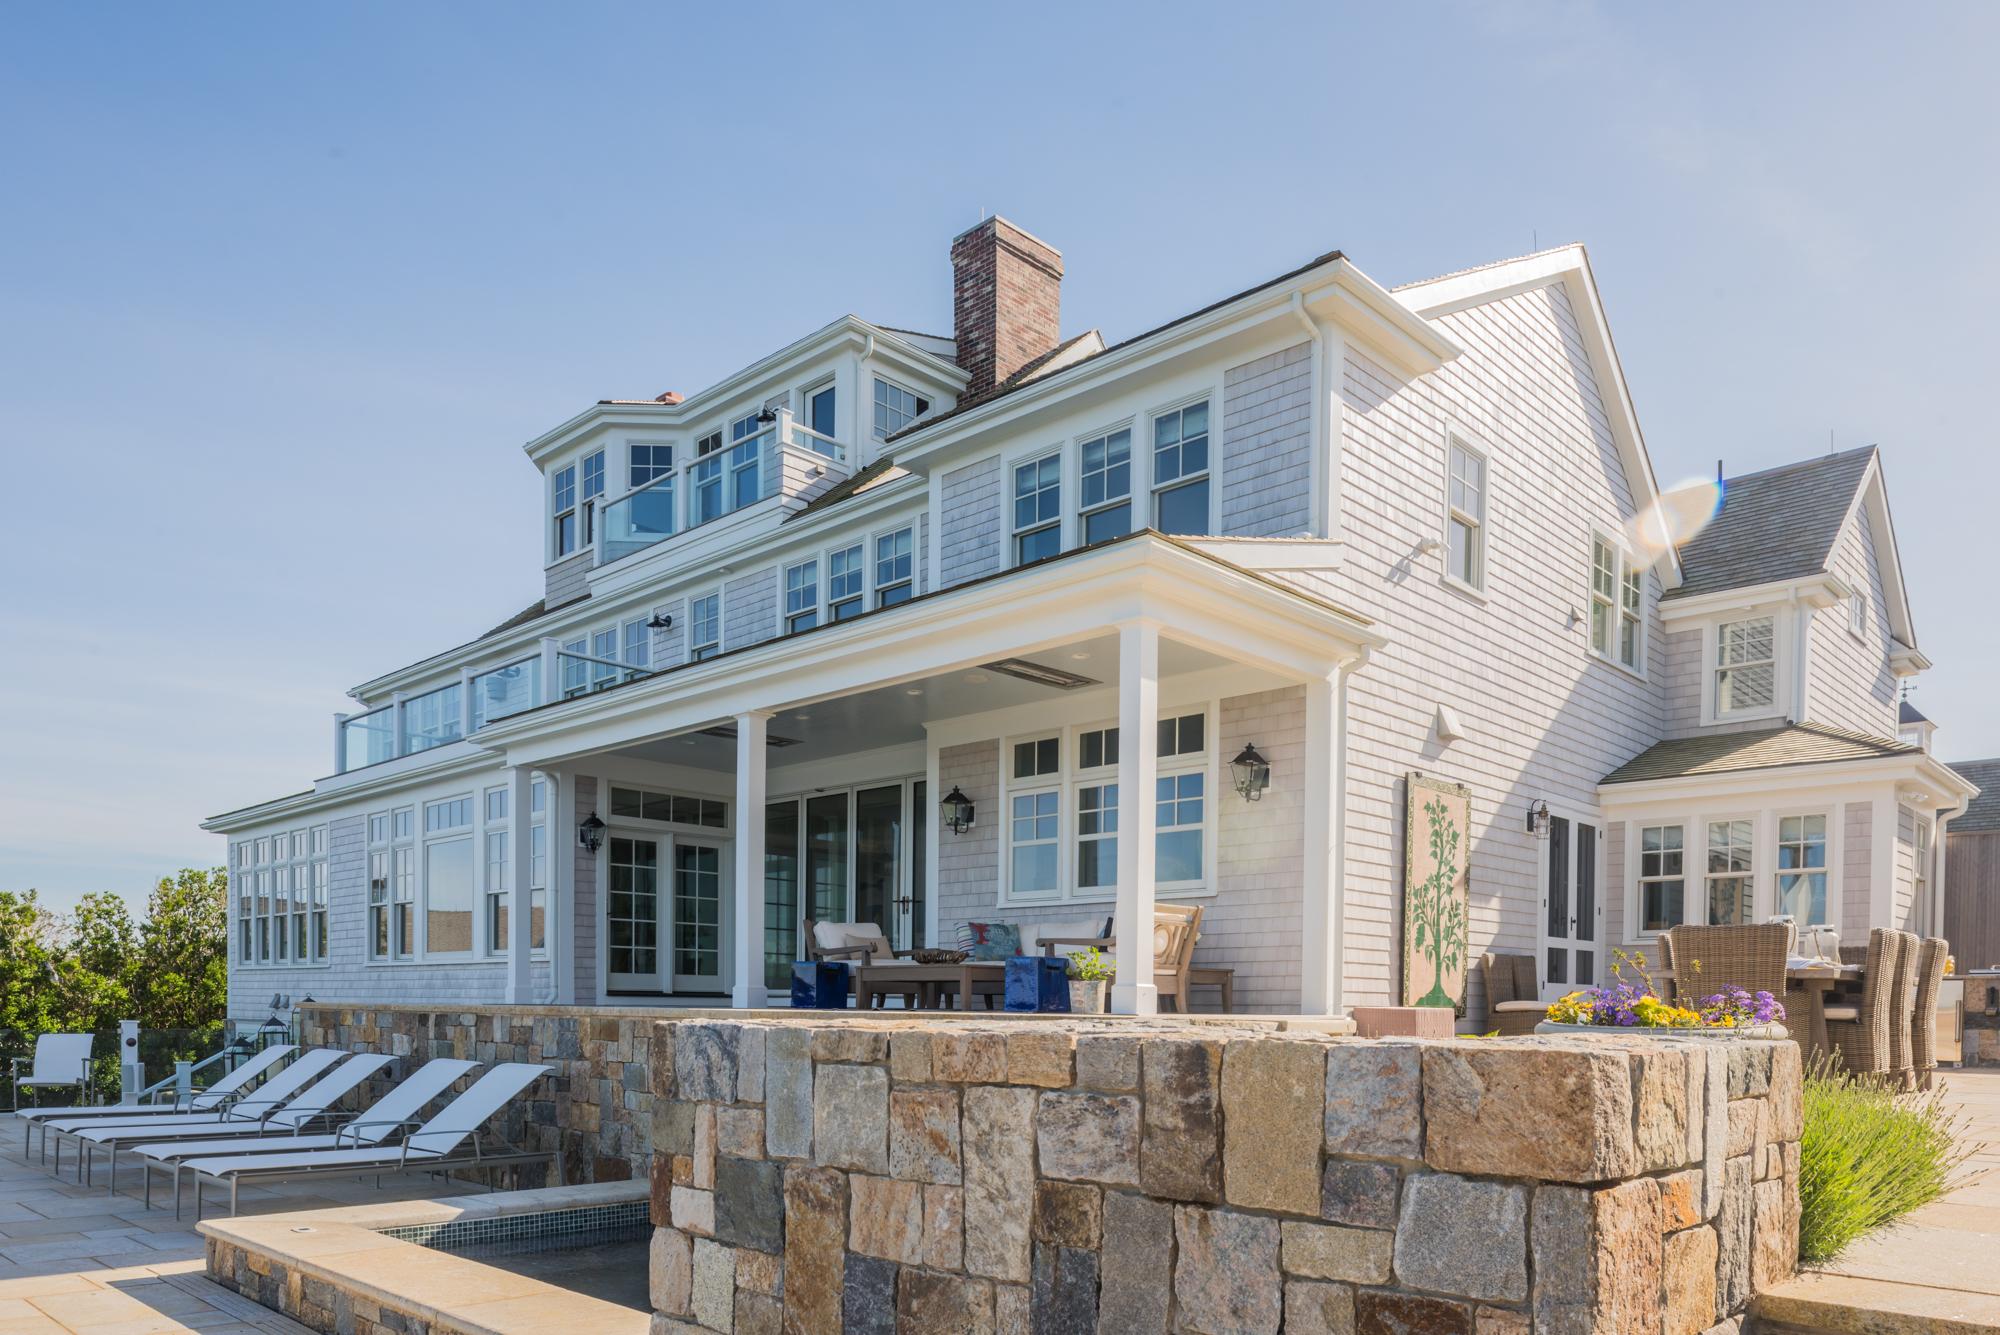 Orleans Cape Cod Home-15.jpg